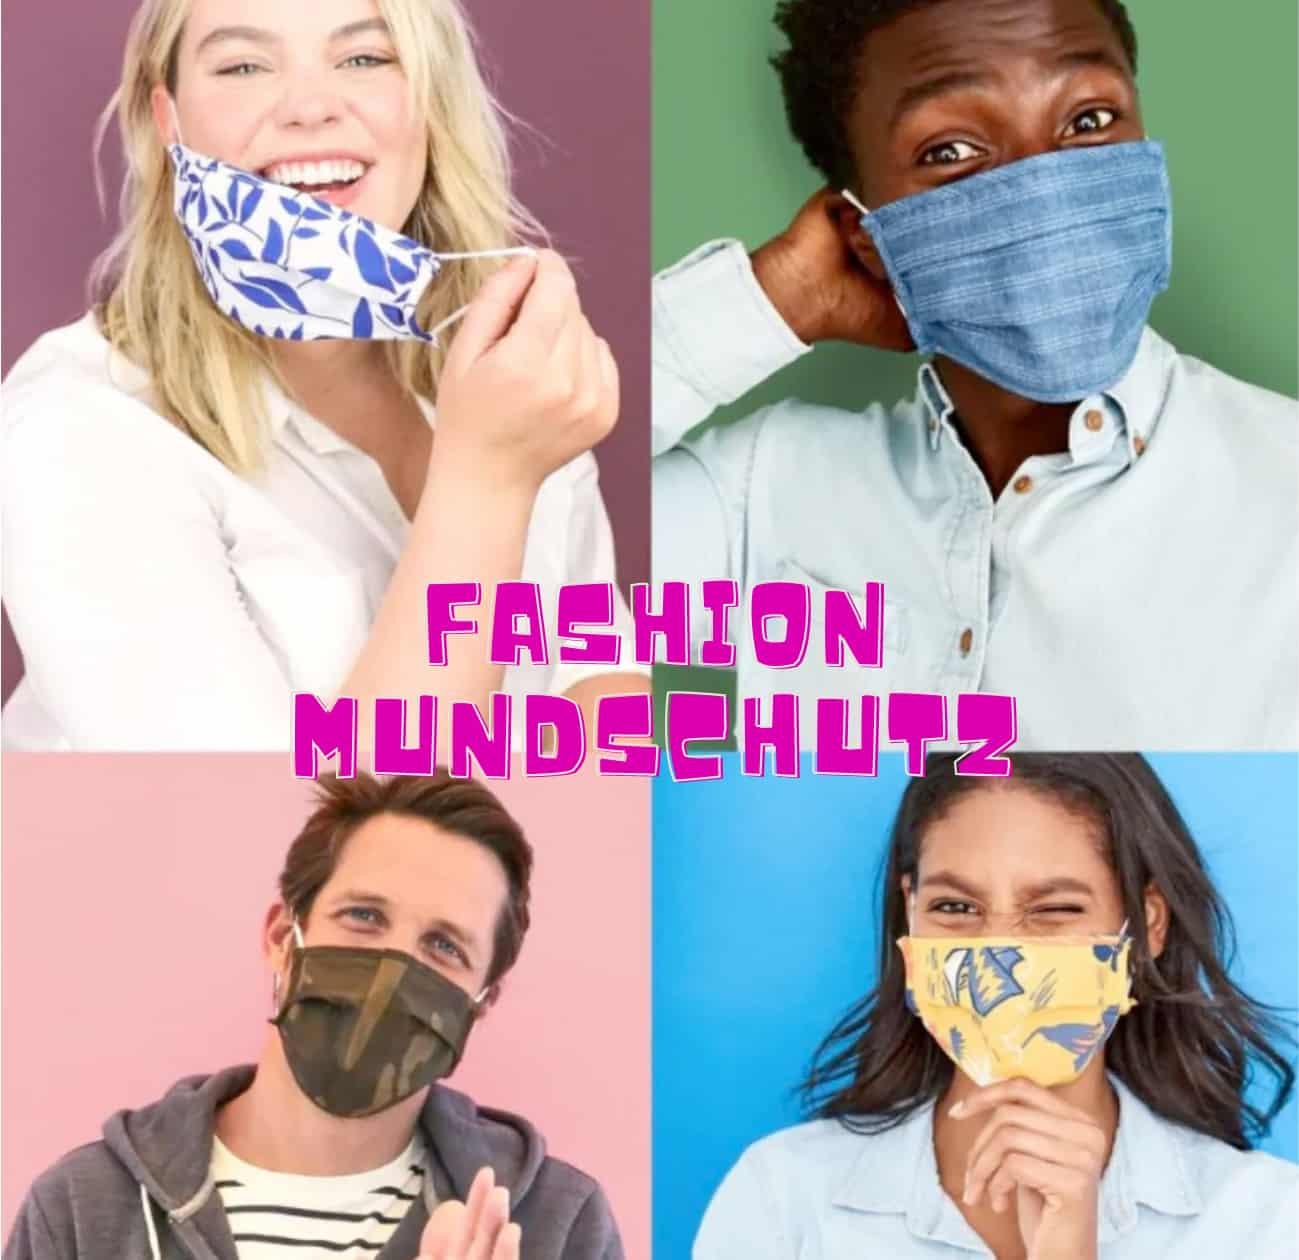 fashion designer mundschutz